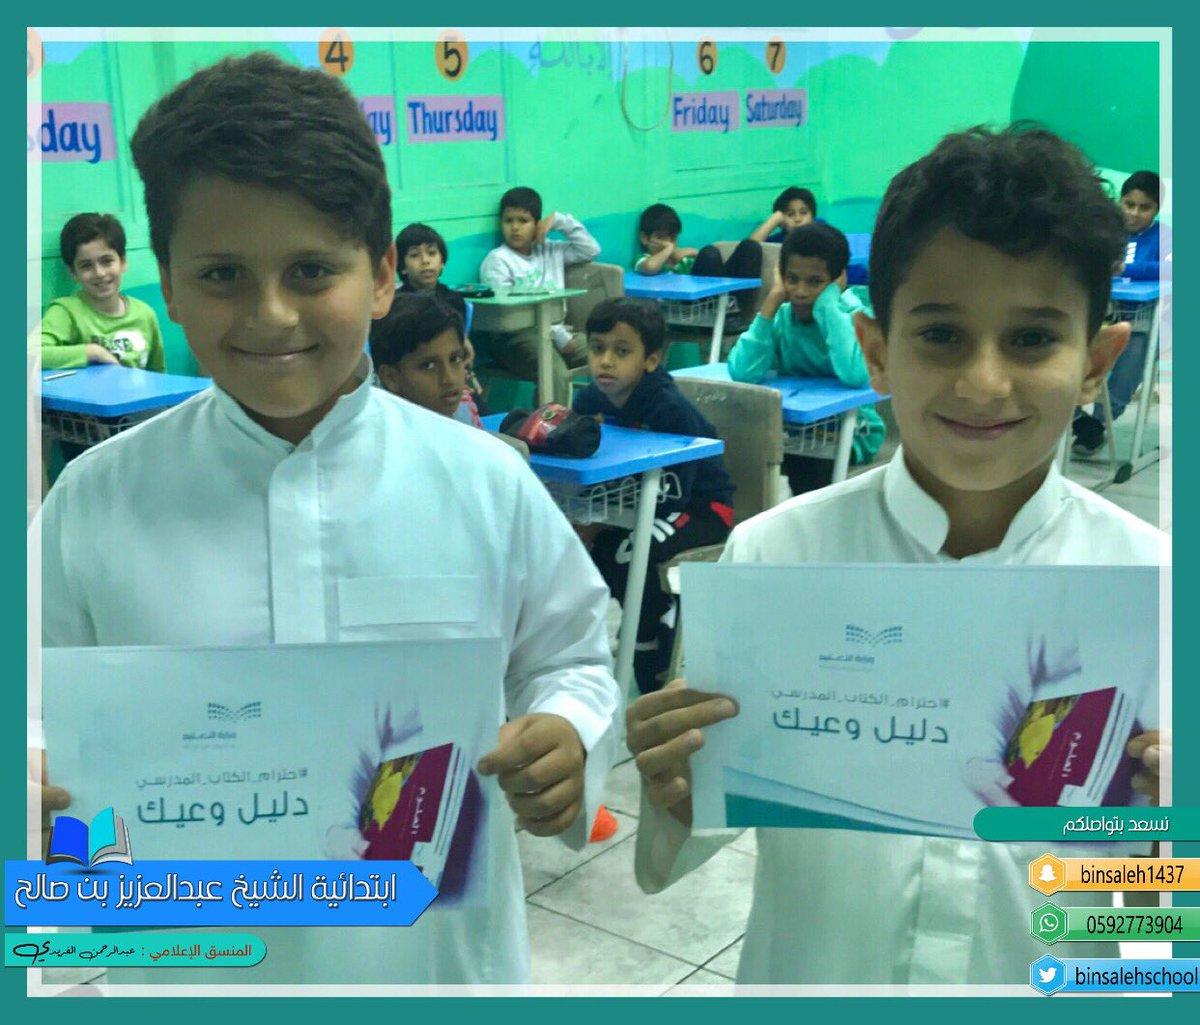 مدرسة الشيخ عبدالعزيز بن صالح On Twitter احترام الكتاب المدرسي